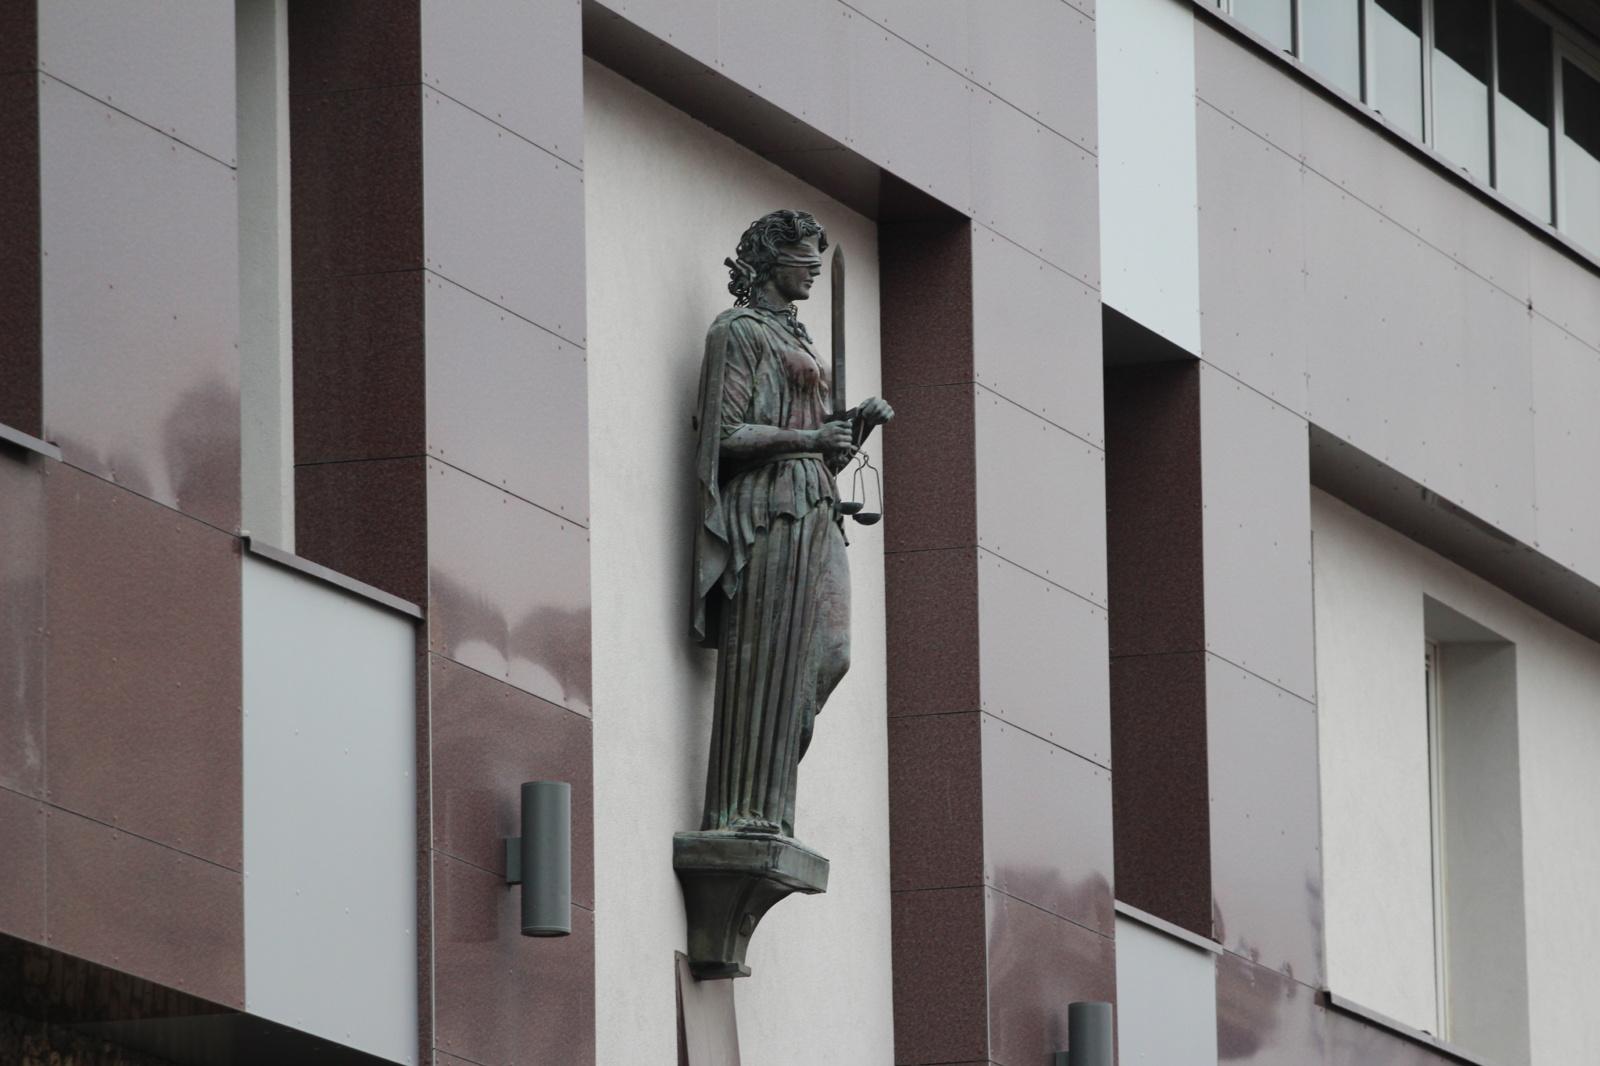 Teismas pradėjo nagrinėti R. M. Račkausko piktnaudžiavimo bylą (papildytas)